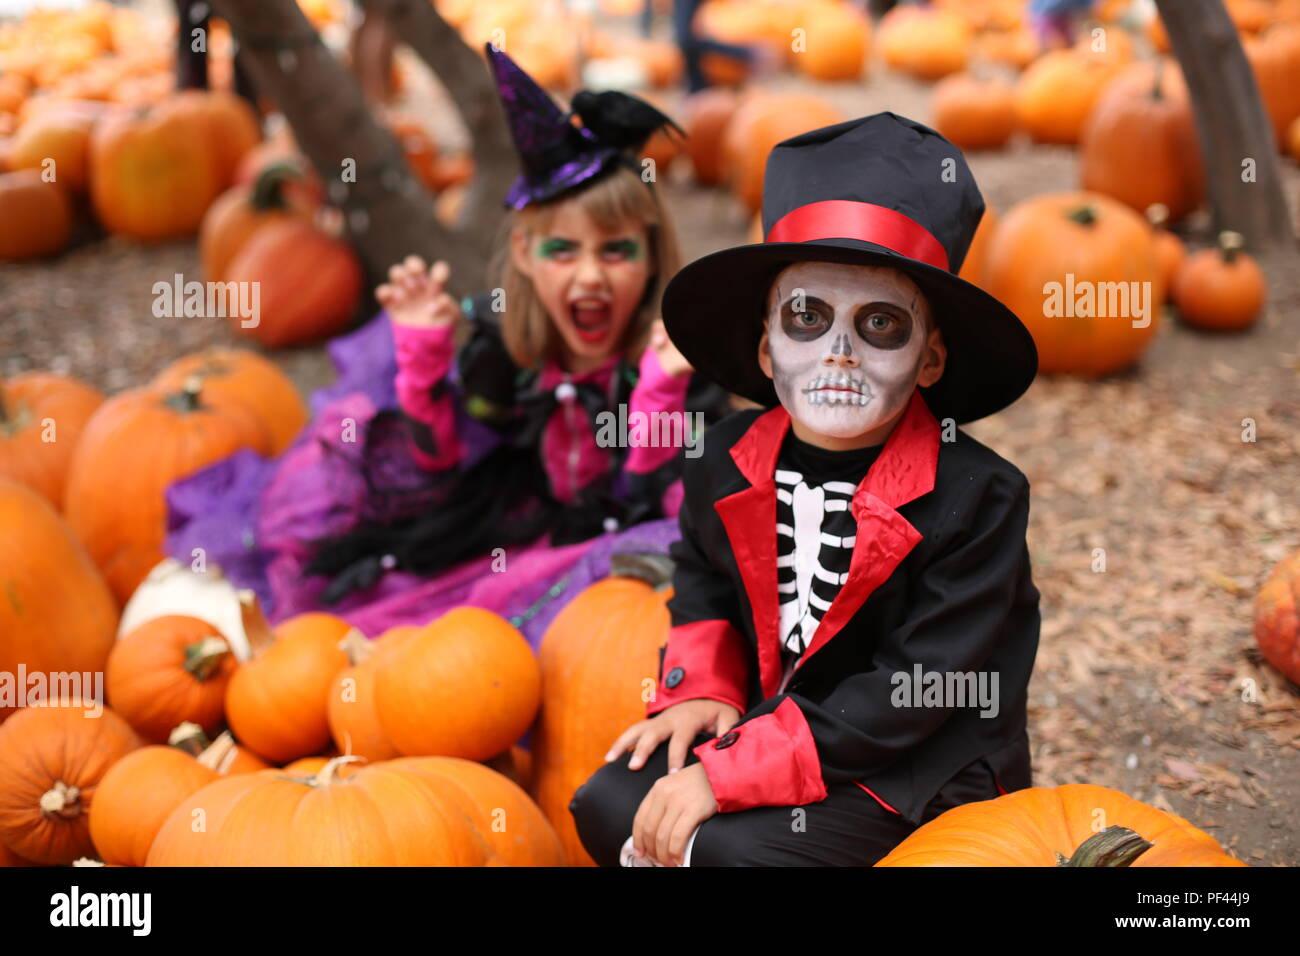 Halloween Niños, Trick-or-Treat. Los niños viste trajes de esqueleto y Bruja de Halloween o truco parte Imagen De Stock